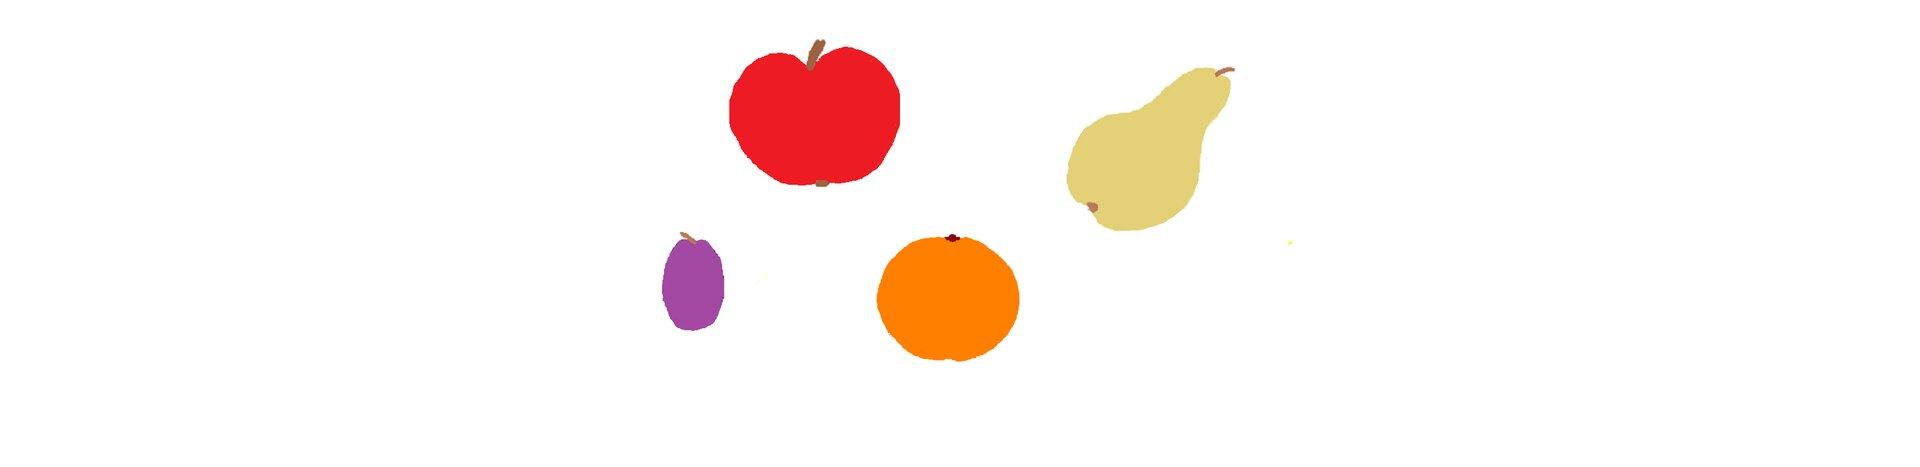 Ilustracja przedstawiająca owoce wypełnione kolorem